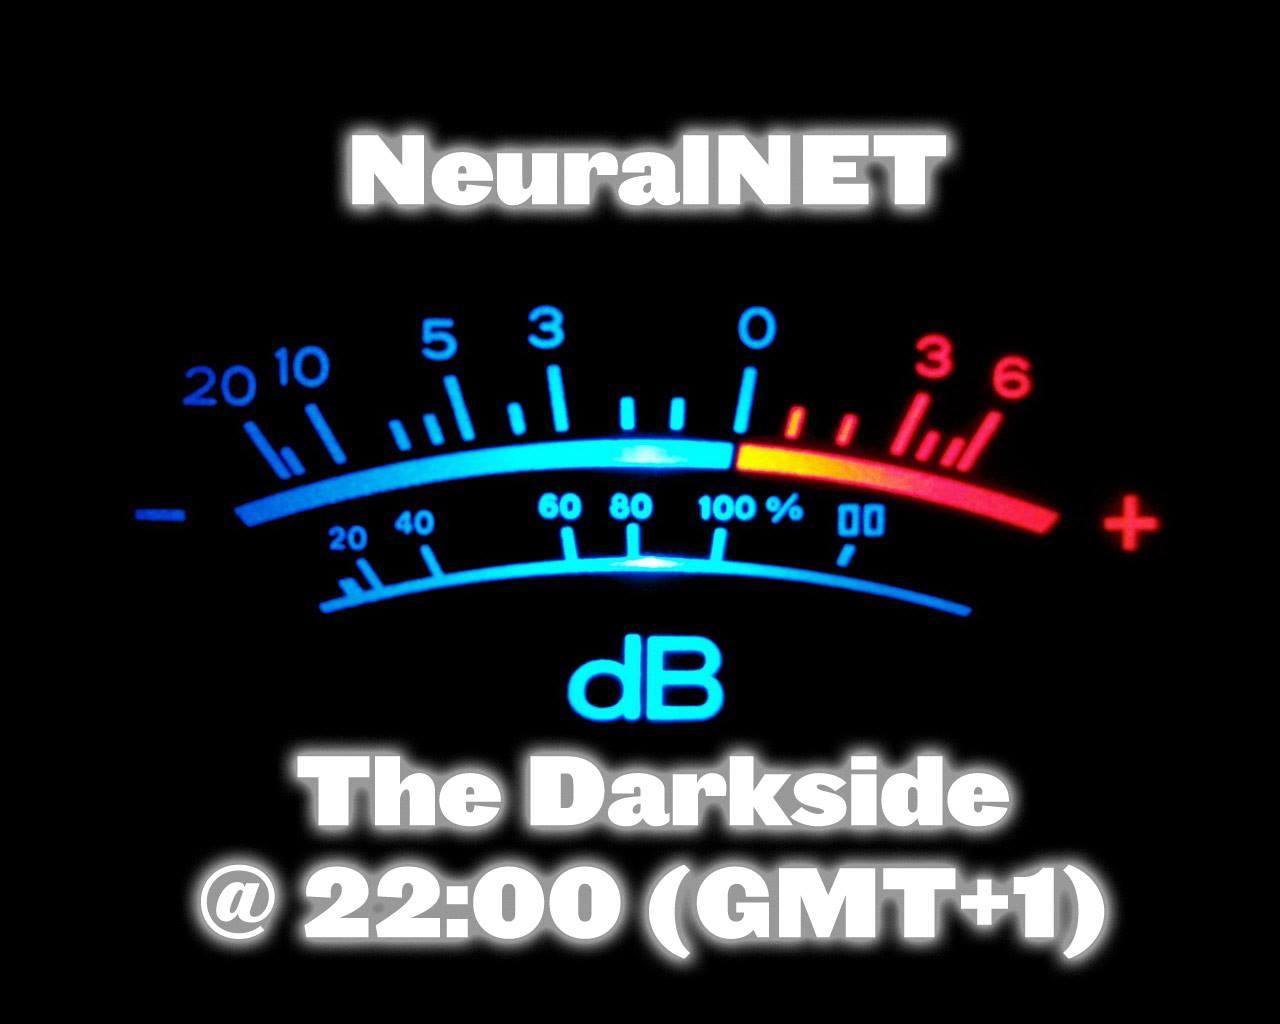 NeuralNET – The Darkside 30-08-14